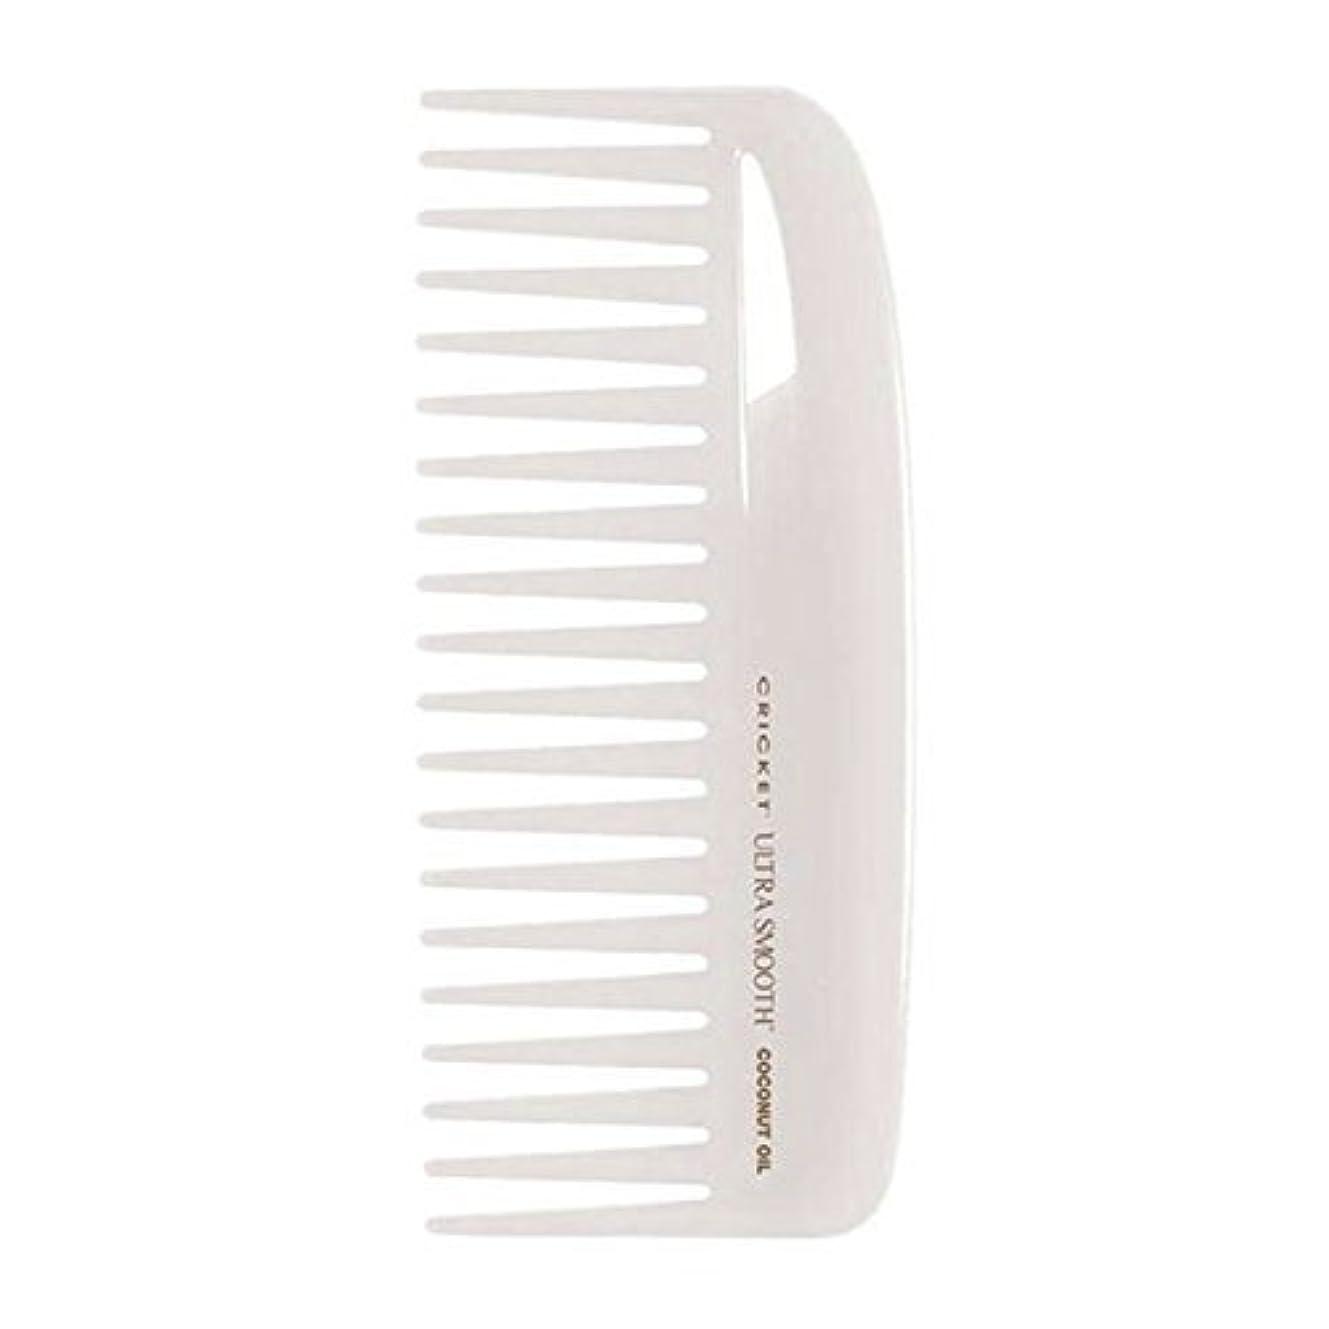 凍結ペパーミント宿るCricket Ultra Smooth Coconut Conditioning Comb, 1 Count [並行輸入品]